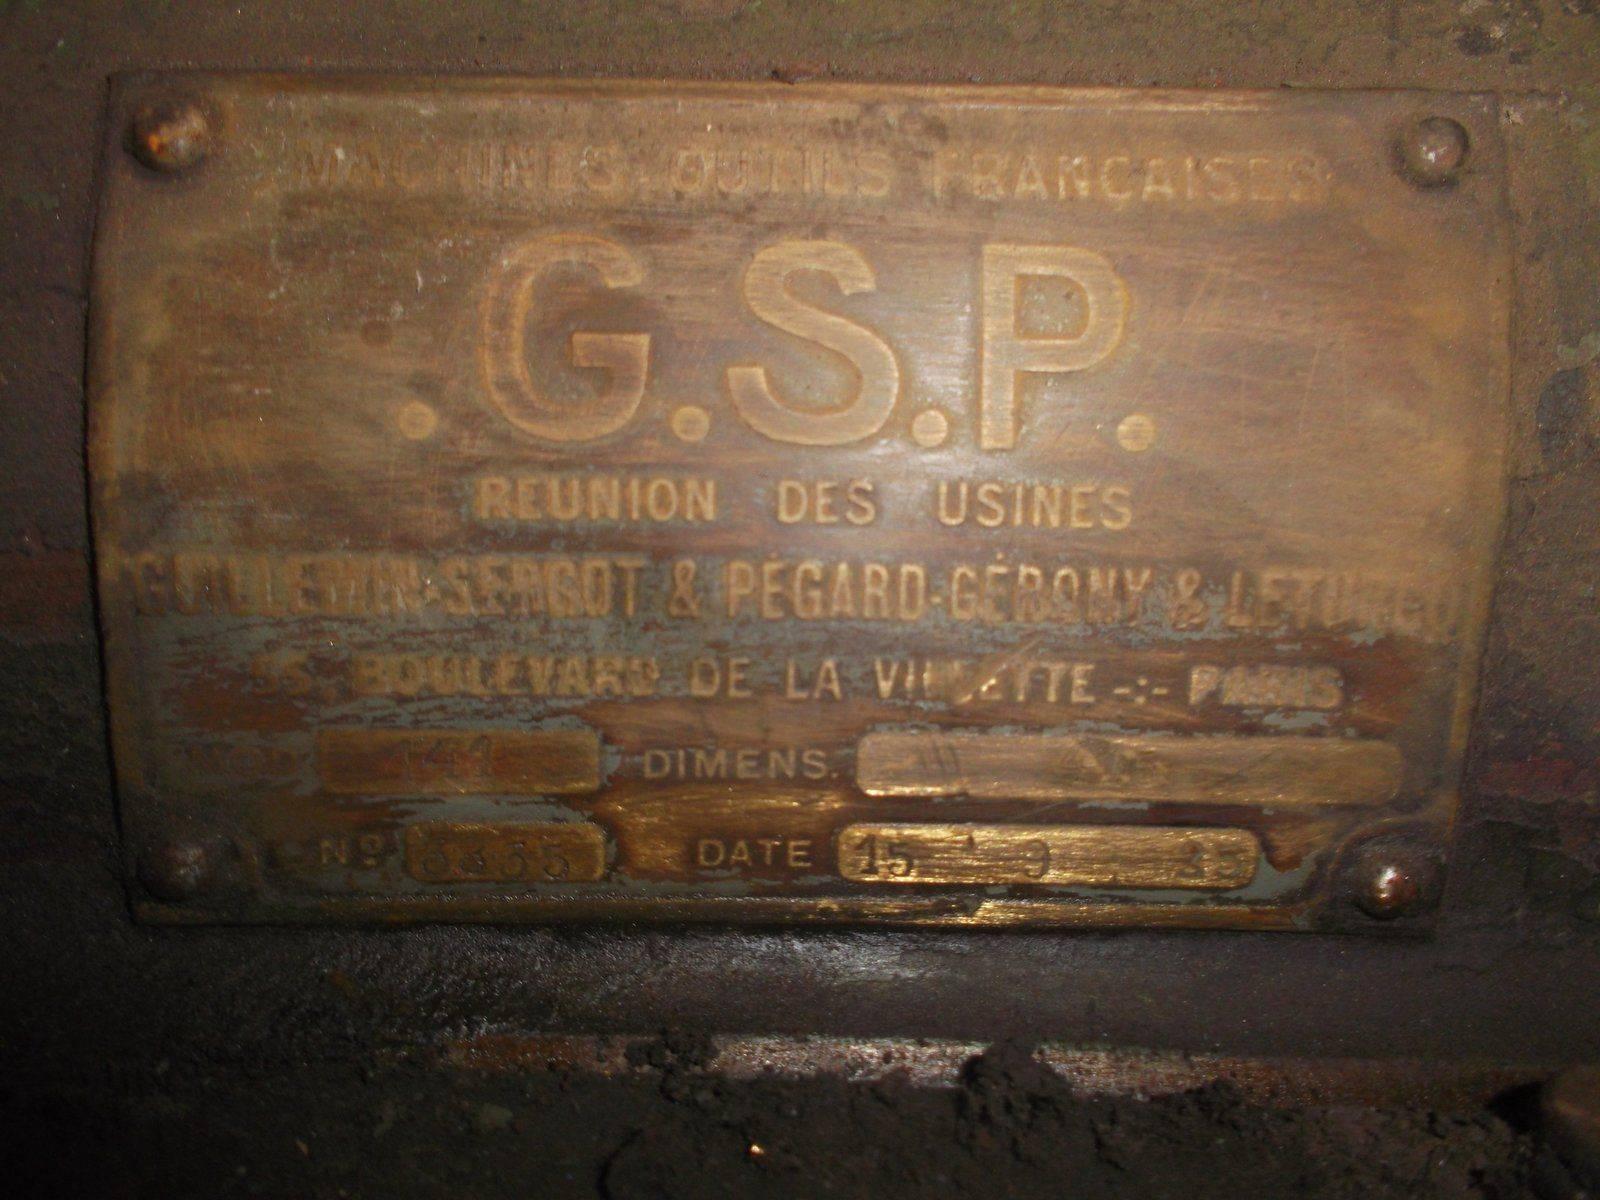 DSCF2770.JPG